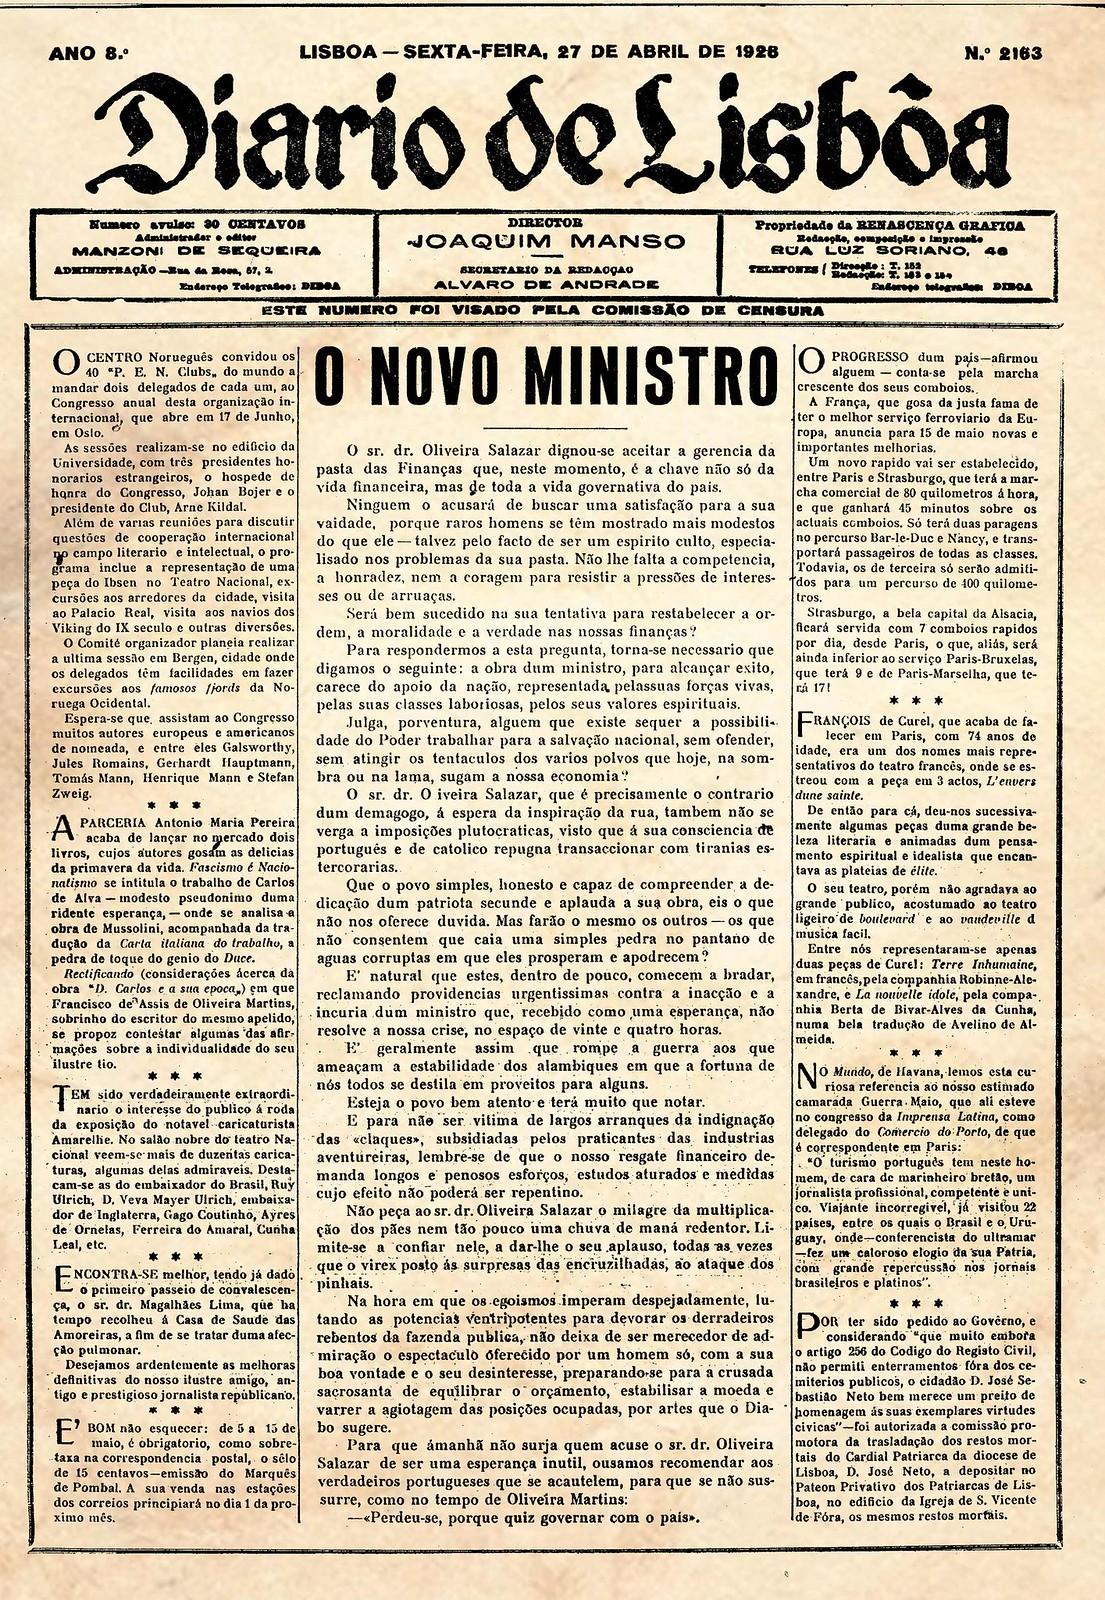 «O novo ministro», Diario de Lisbôa, 27 de Abril de 1928